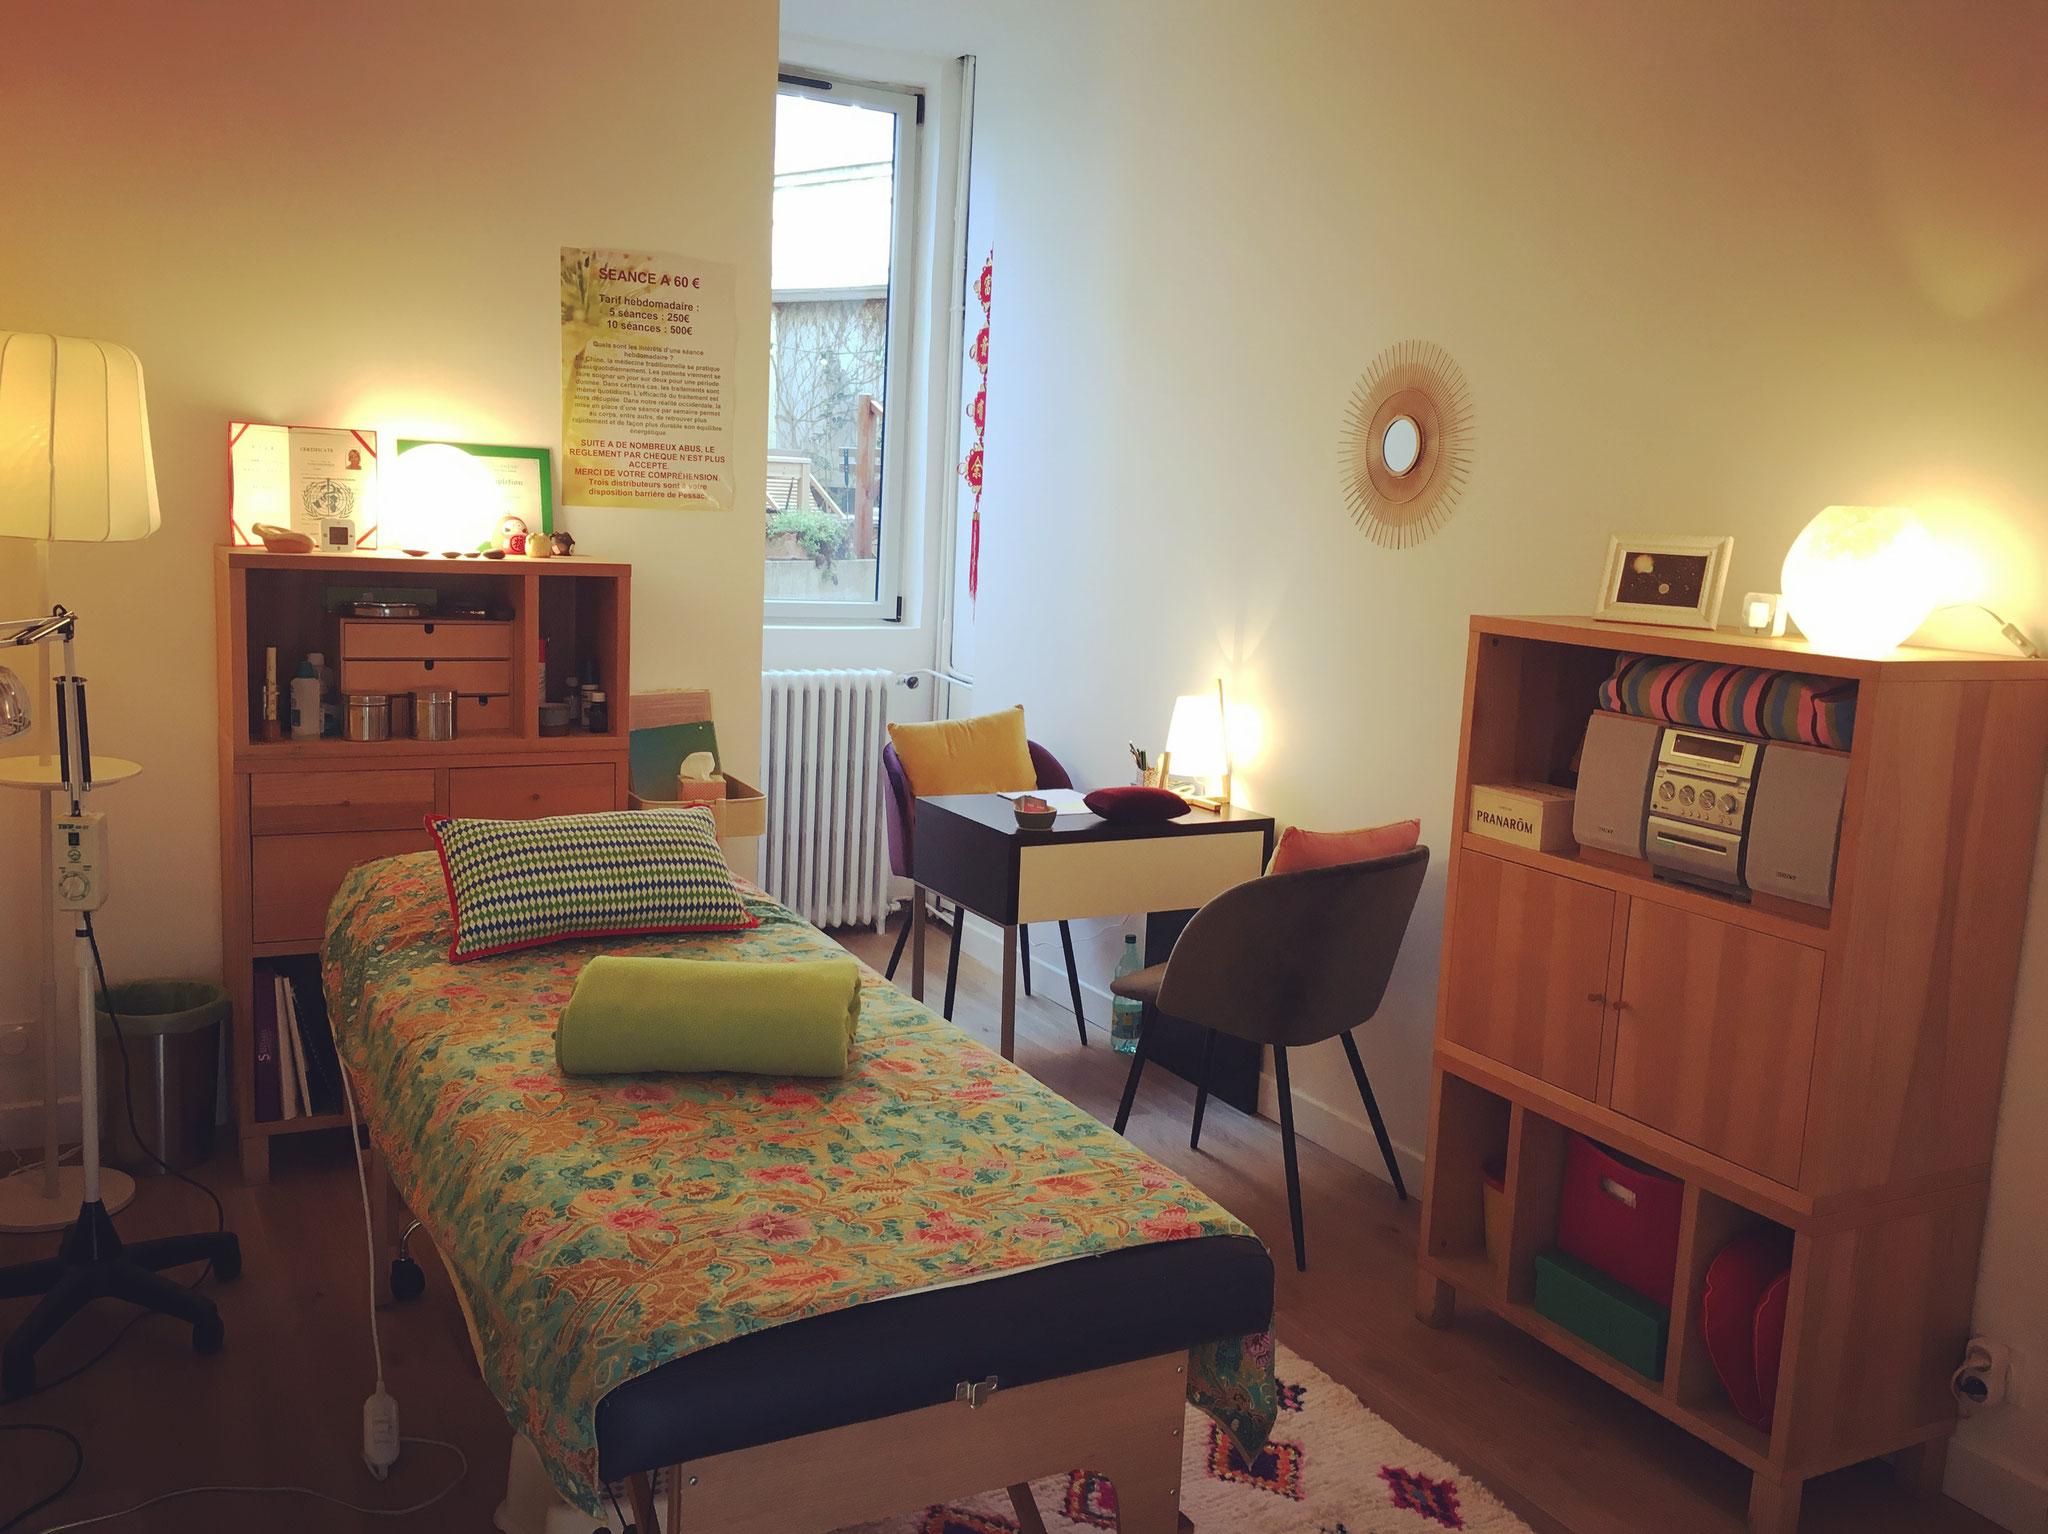 sanbao le contrat patient th rapeute energ tique bordeaux. Black Bedroom Furniture Sets. Home Design Ideas